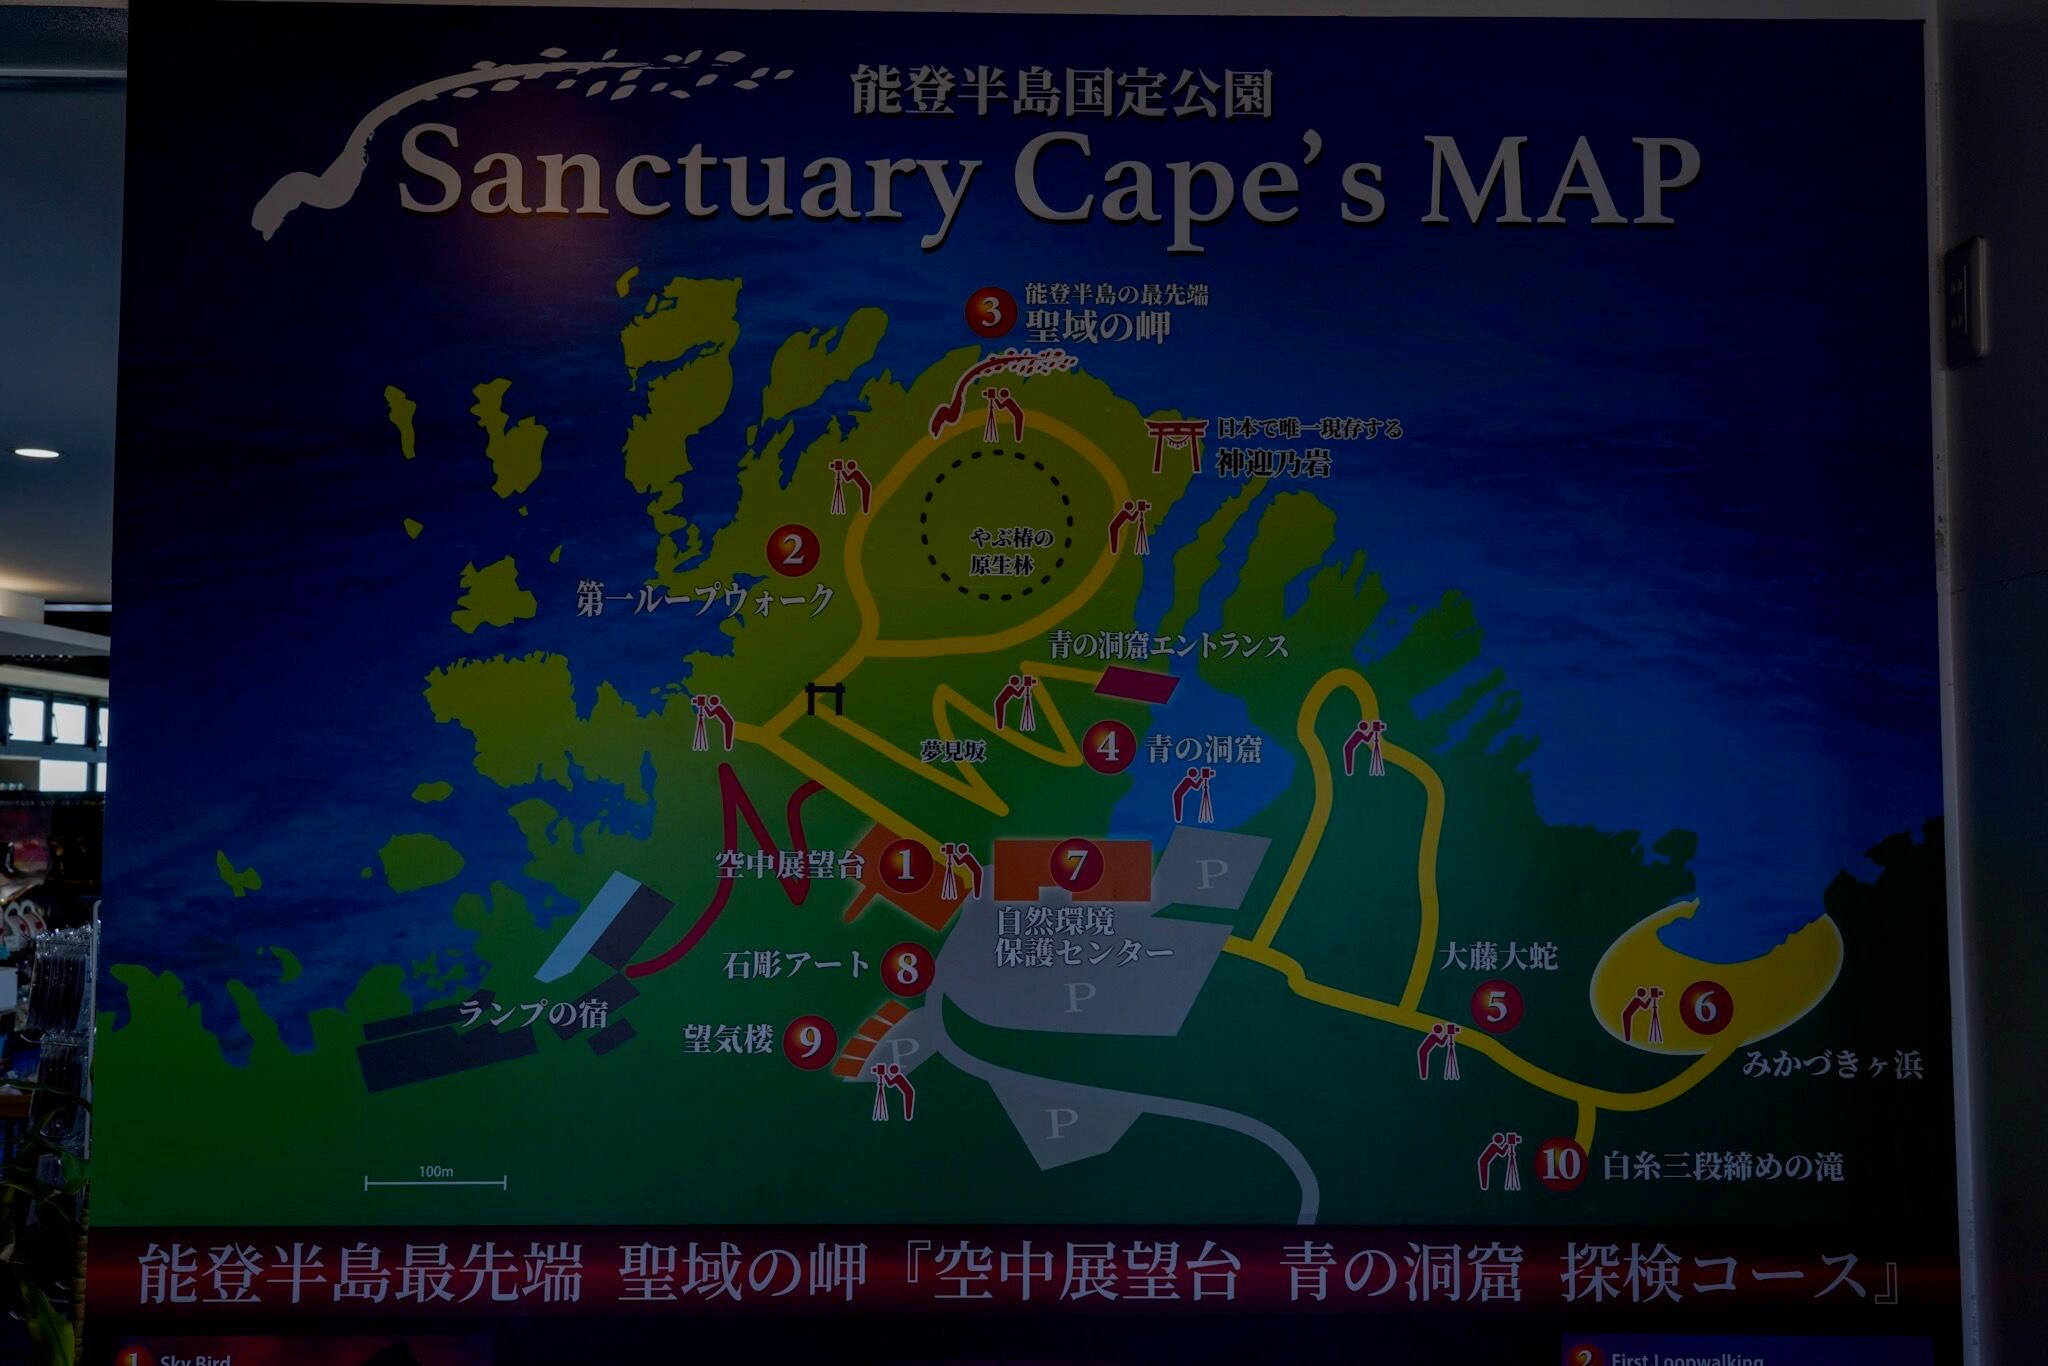 聖域の岬・青の洞窟 パワースポット施設地図